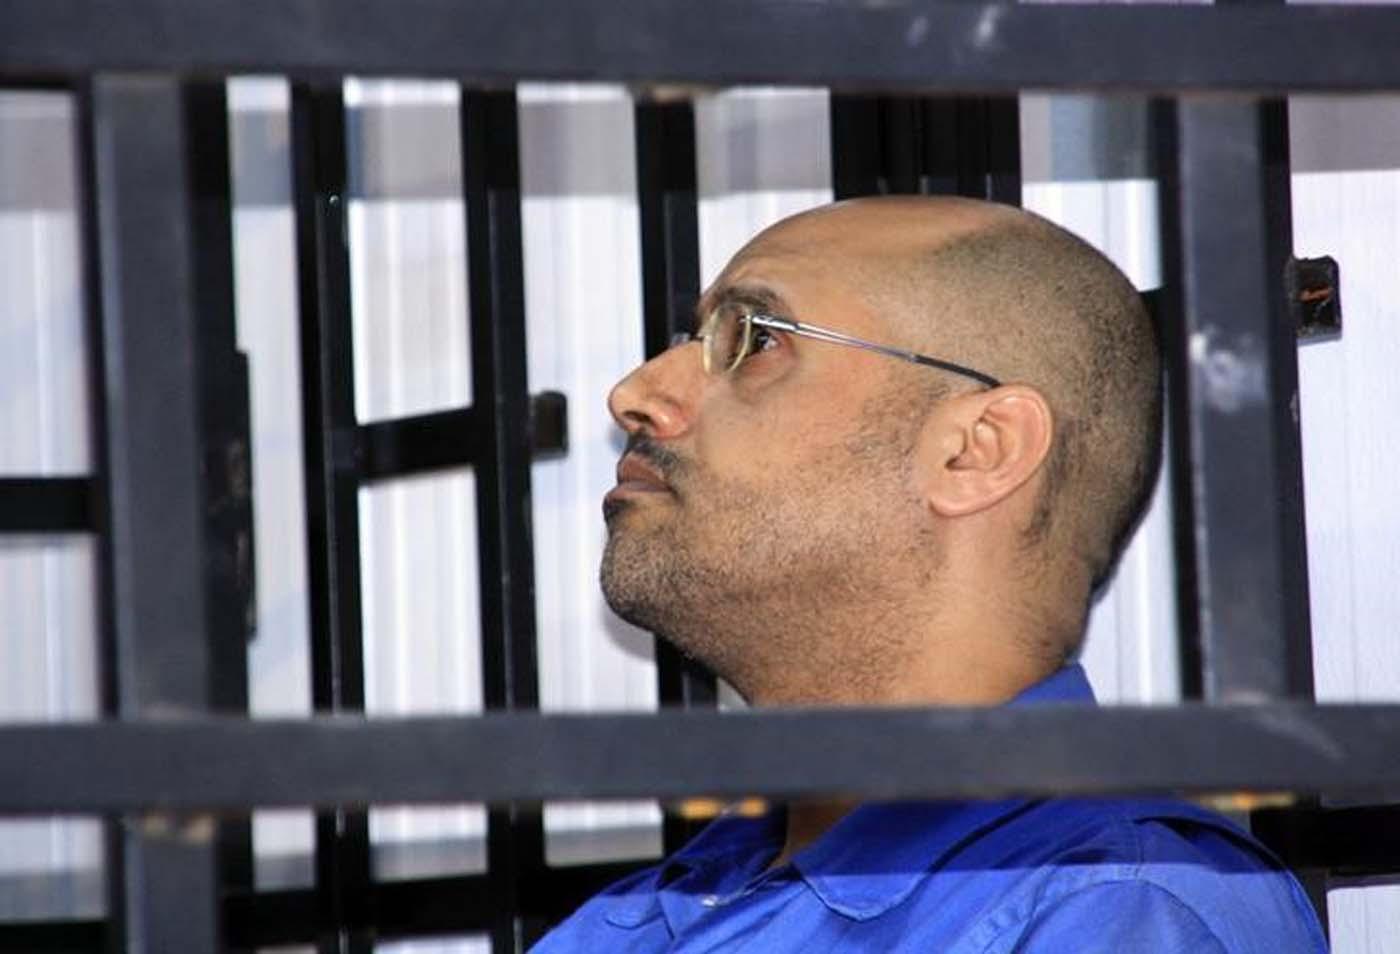 Saif al-Islam Gaddafi, hijo de Muammar Gaddafi, durante una audiencia en unna corte en Zintan